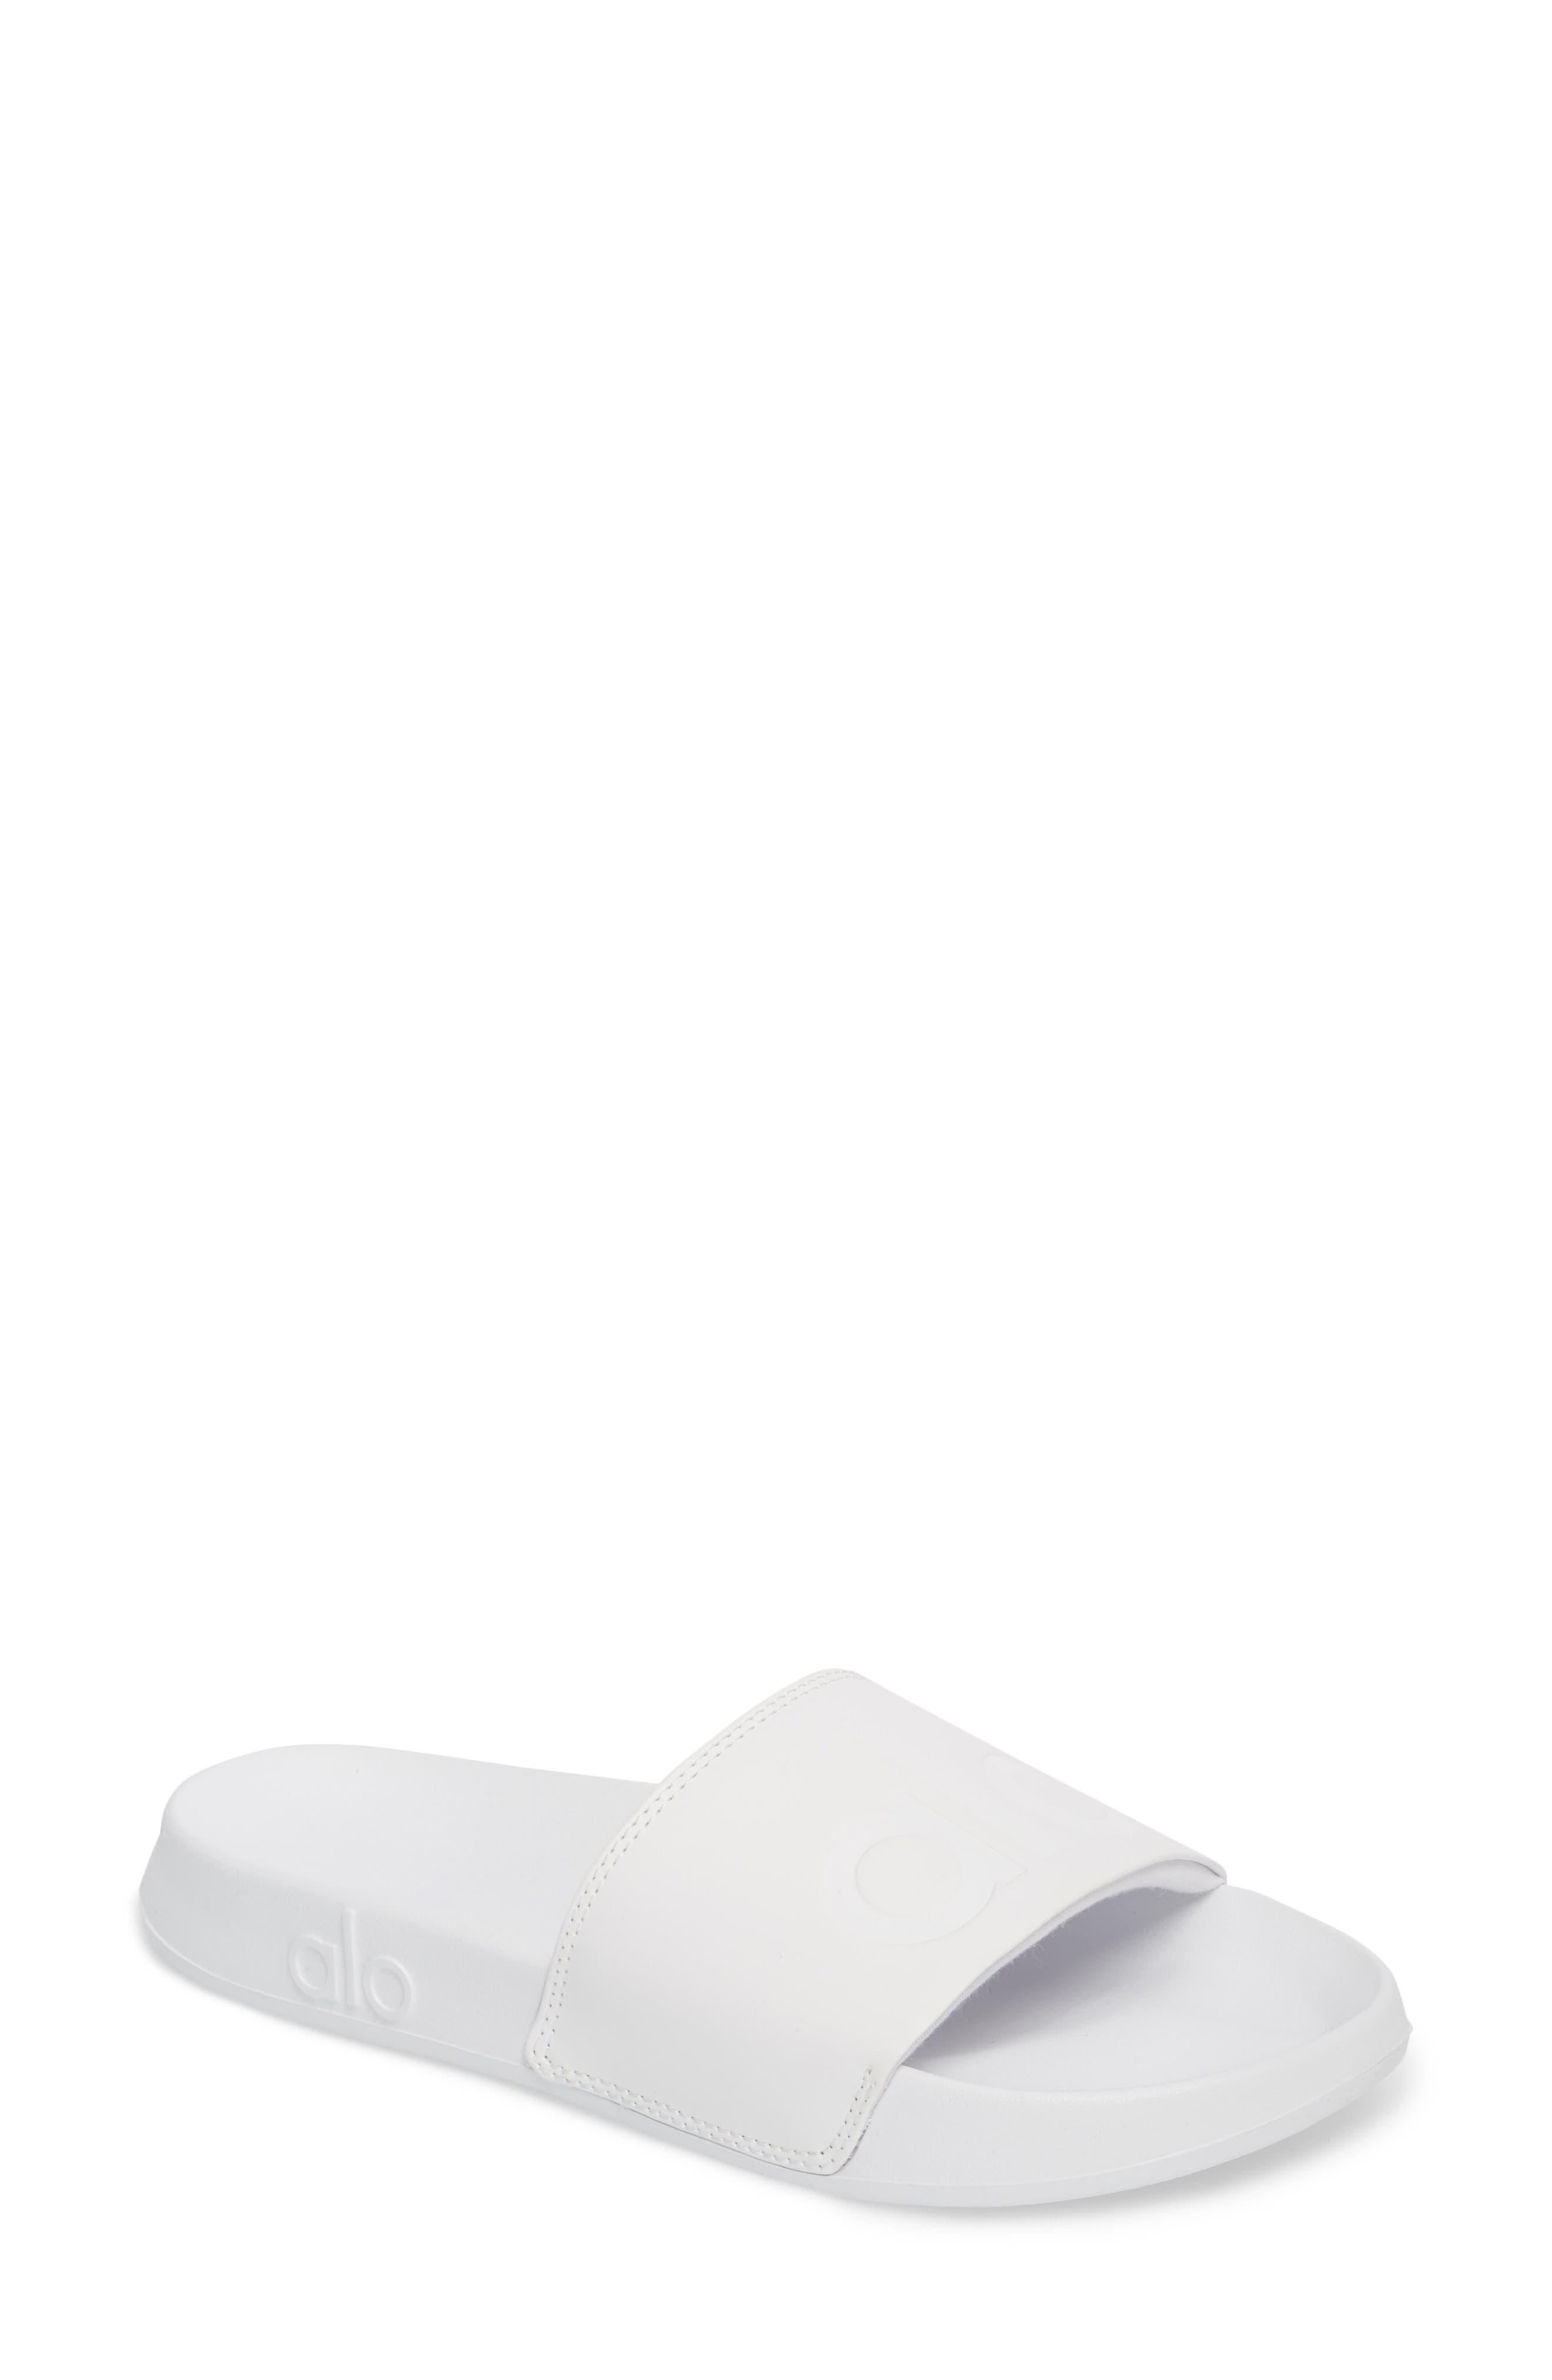 It 2 Sandal,                             Main thumbnail 1, color,                             White/ White